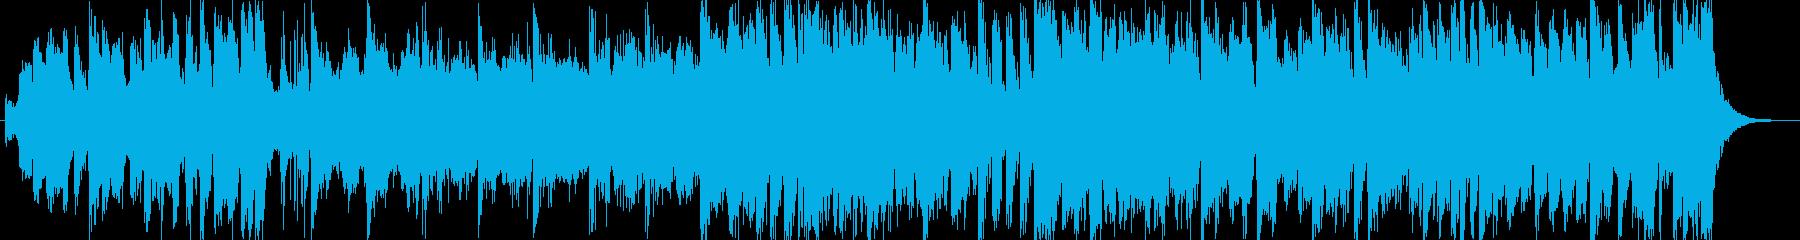 オープニング向きの勇ましい系オーケストラの再生済みの波形